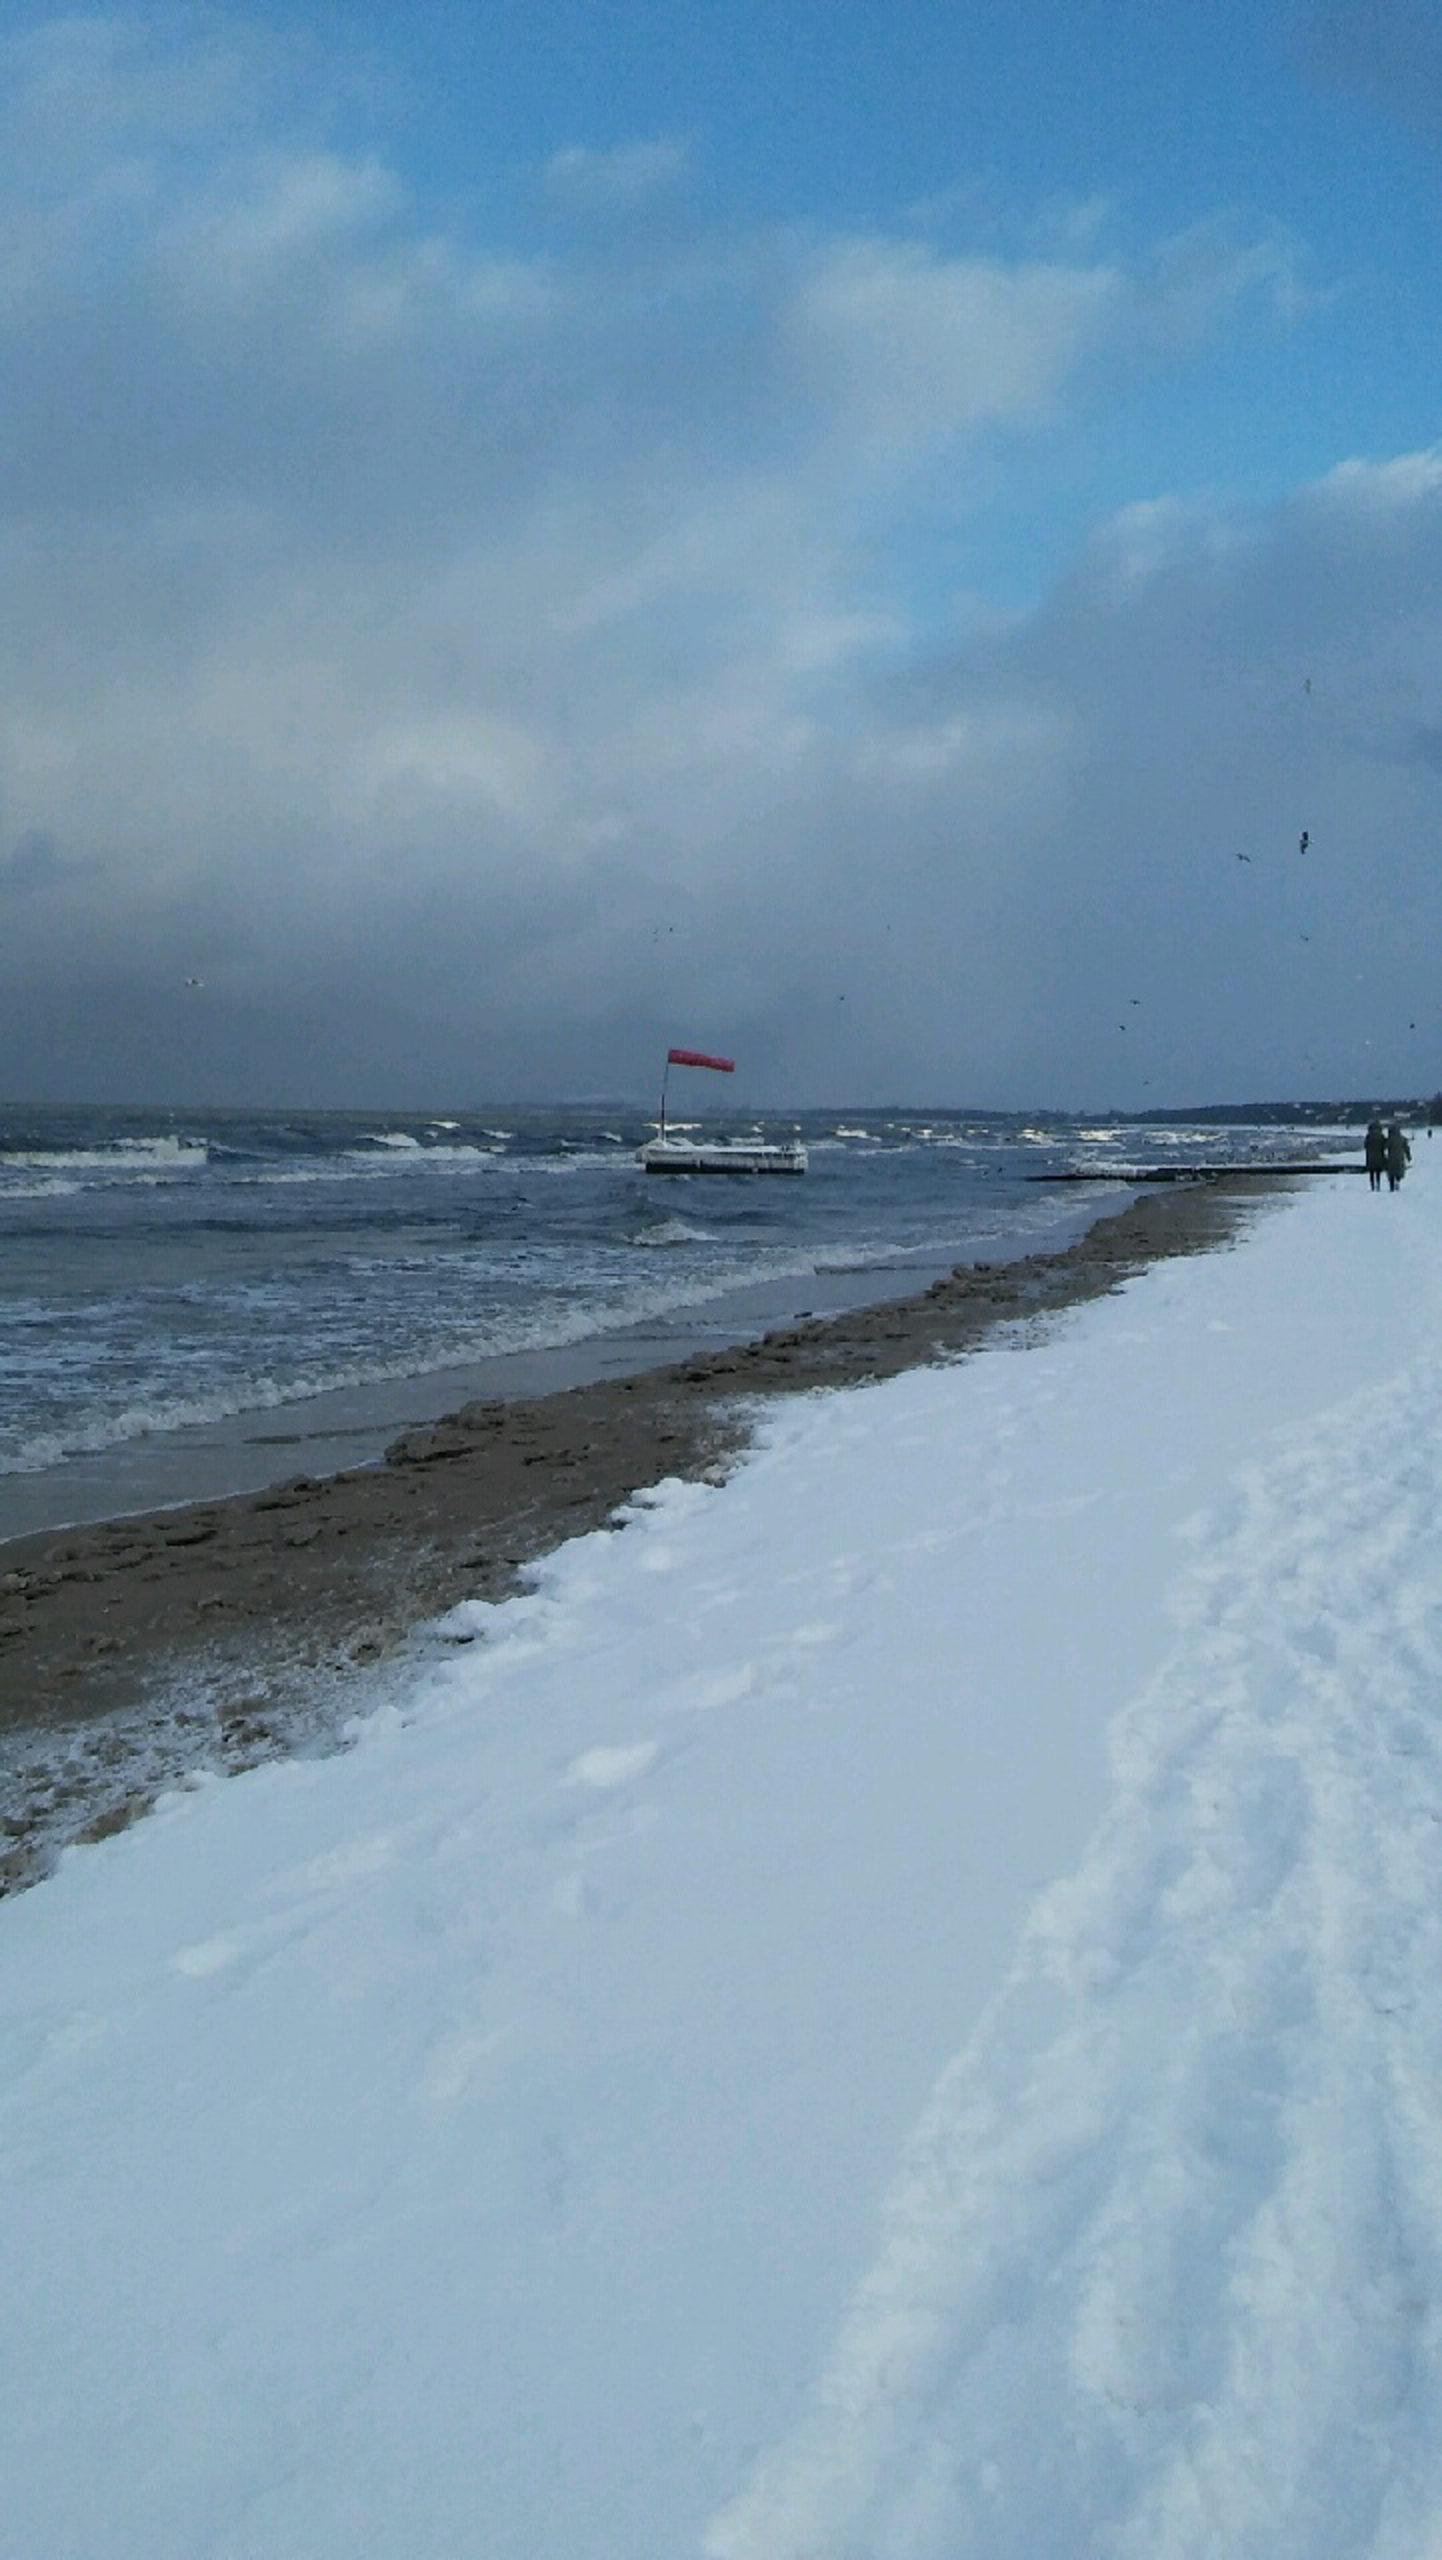 zaśnieżona plaża i morze zimą